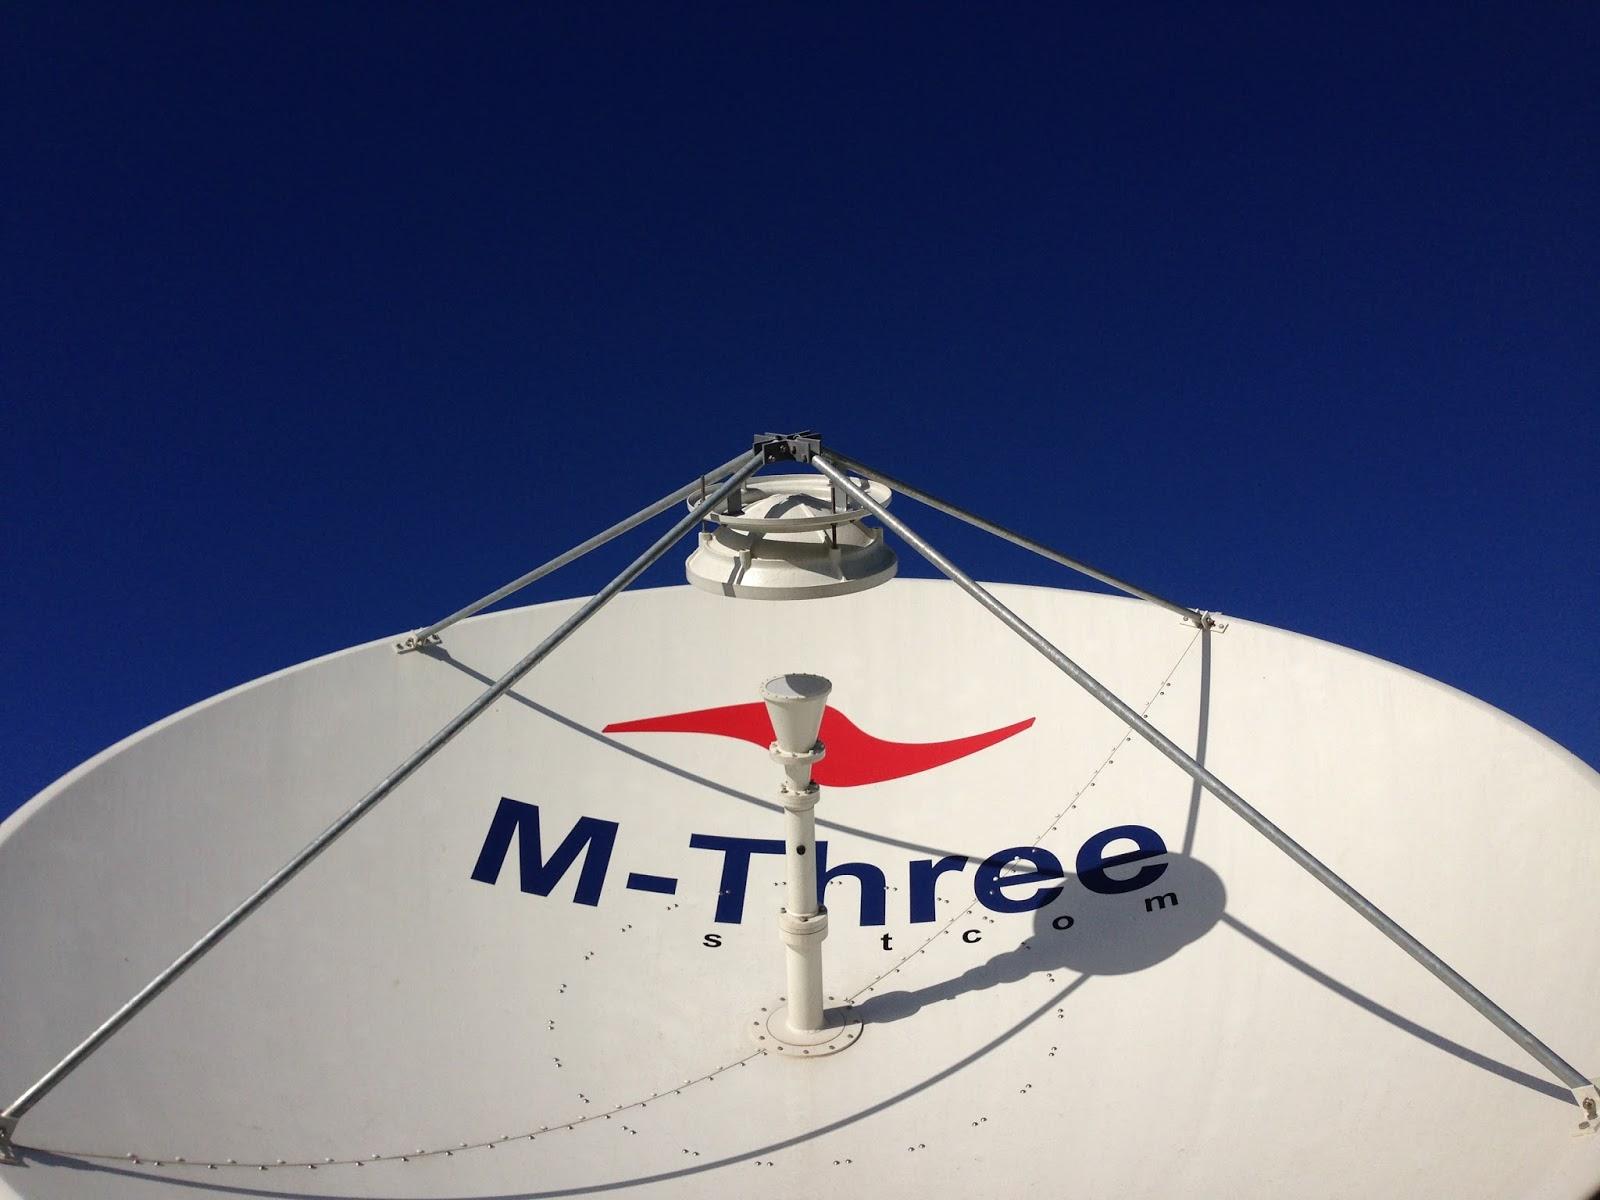 9420a5a264 M-Three Satcom entra a far parte del gruppo Giglio mantenendo la sua  struttura e indipendenza operativa e la sua missione principale, e  continuerà a ...